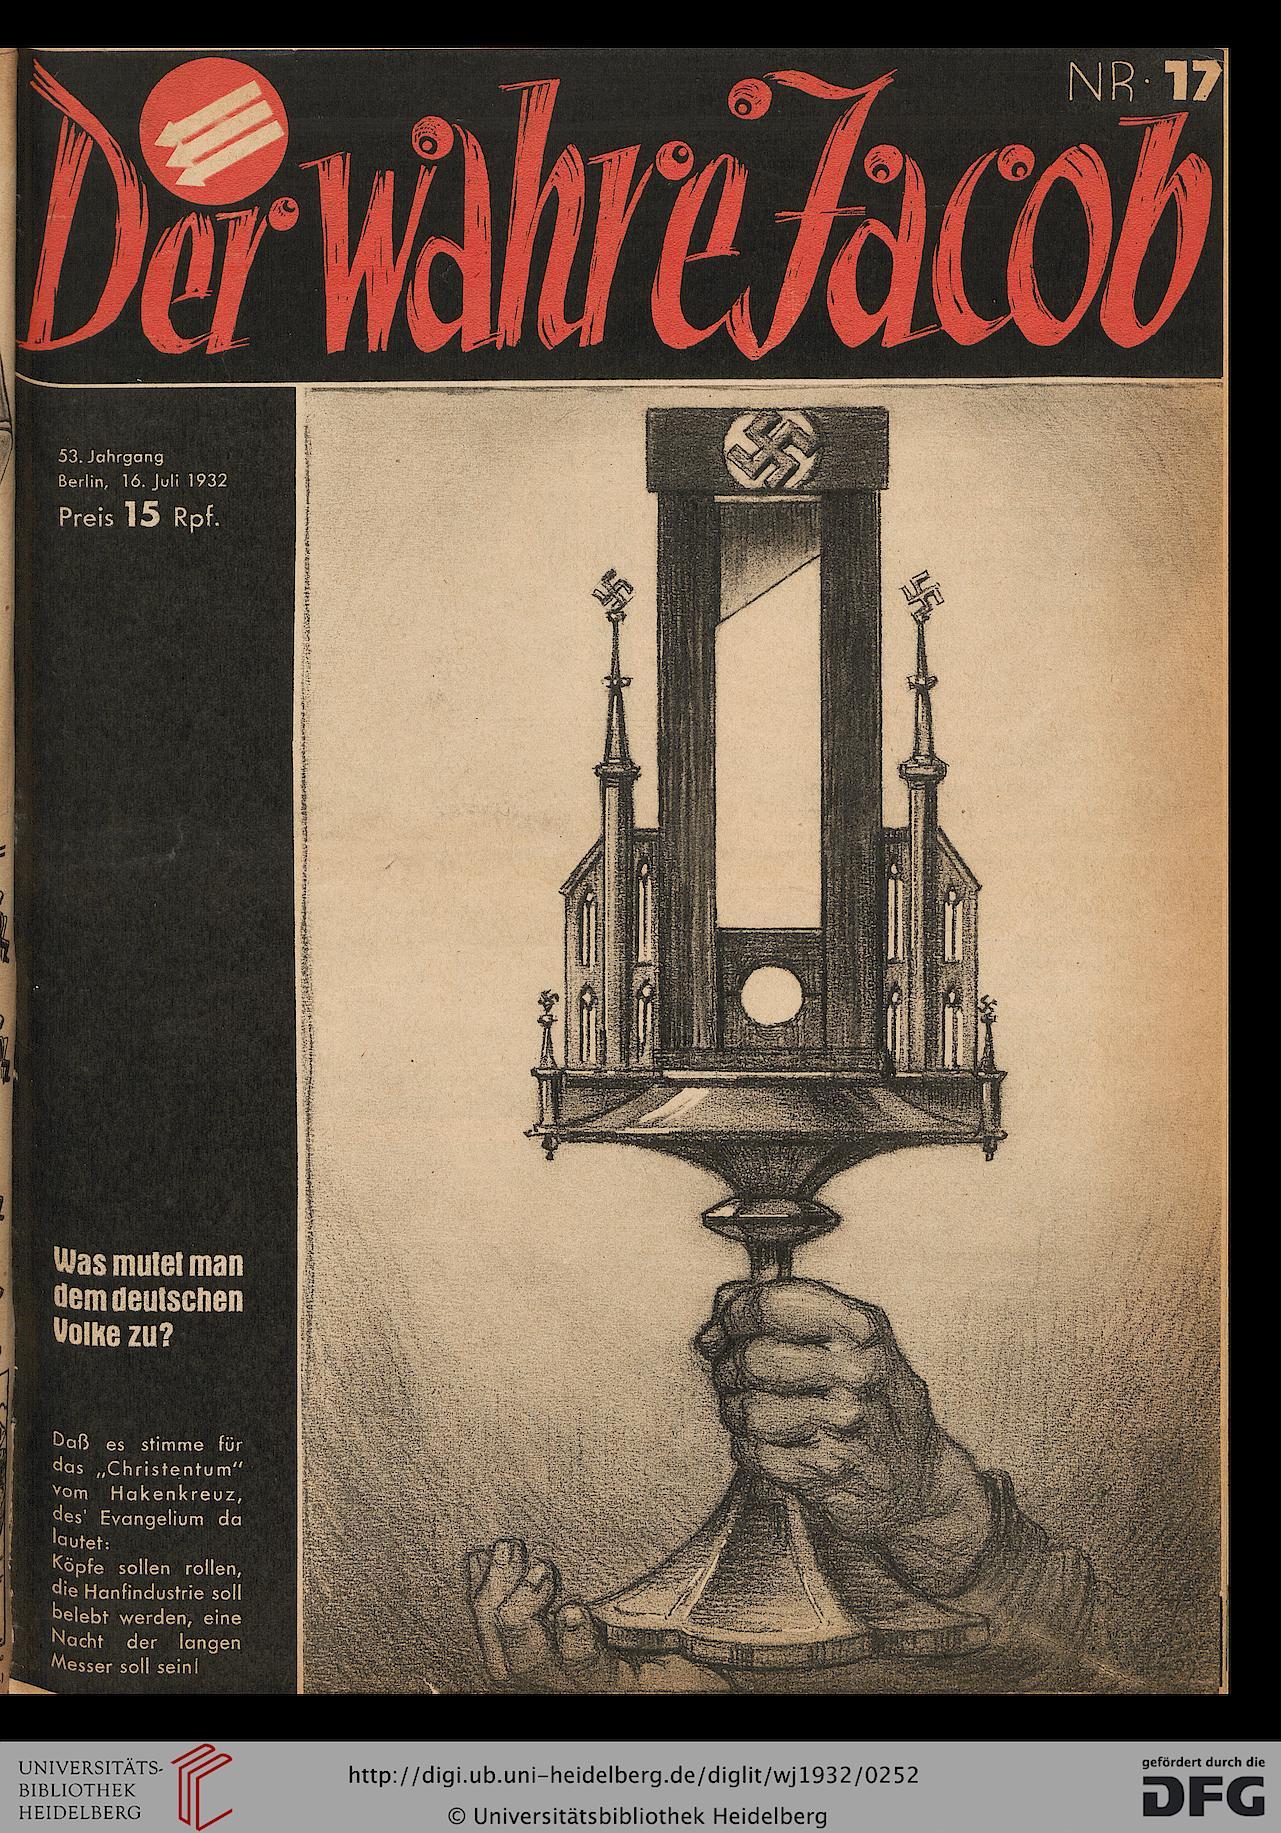 Der Wahre Jacob, Ausgabe 17, vom 16. Juli 1932, Titelseite. Diese Karikatur führte zu einem mehrwöchigen Verbot des Blattes, das Klausener befürwortete.